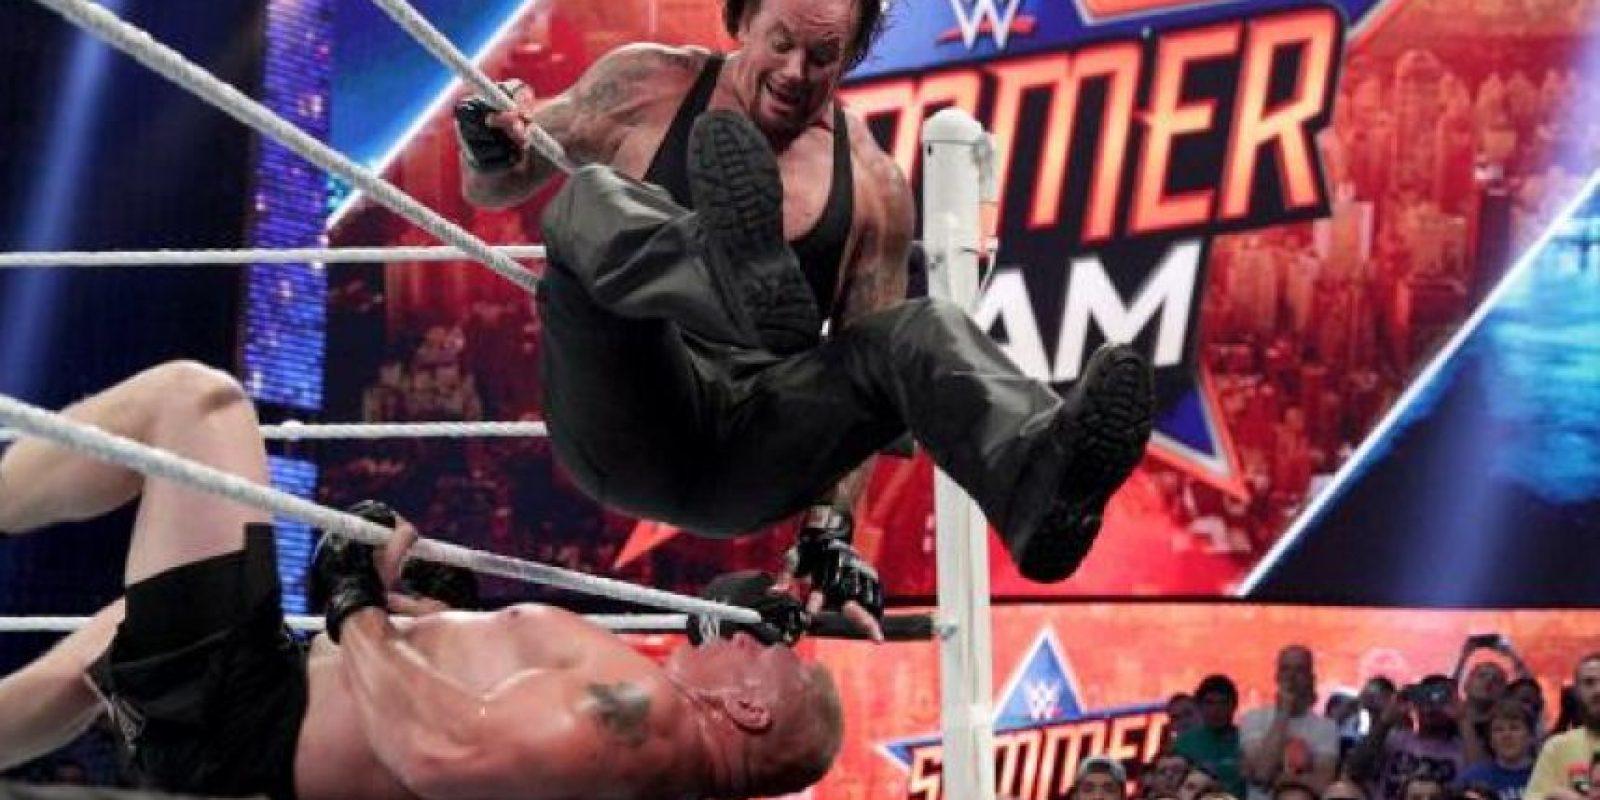 La pelea entre ambos fue muy entretenida, y uno de los momentos más recordados fue cuando Lesnar castigó a Undertaker aventándolo contra la mesa de los comentaristas. Foto:WWE